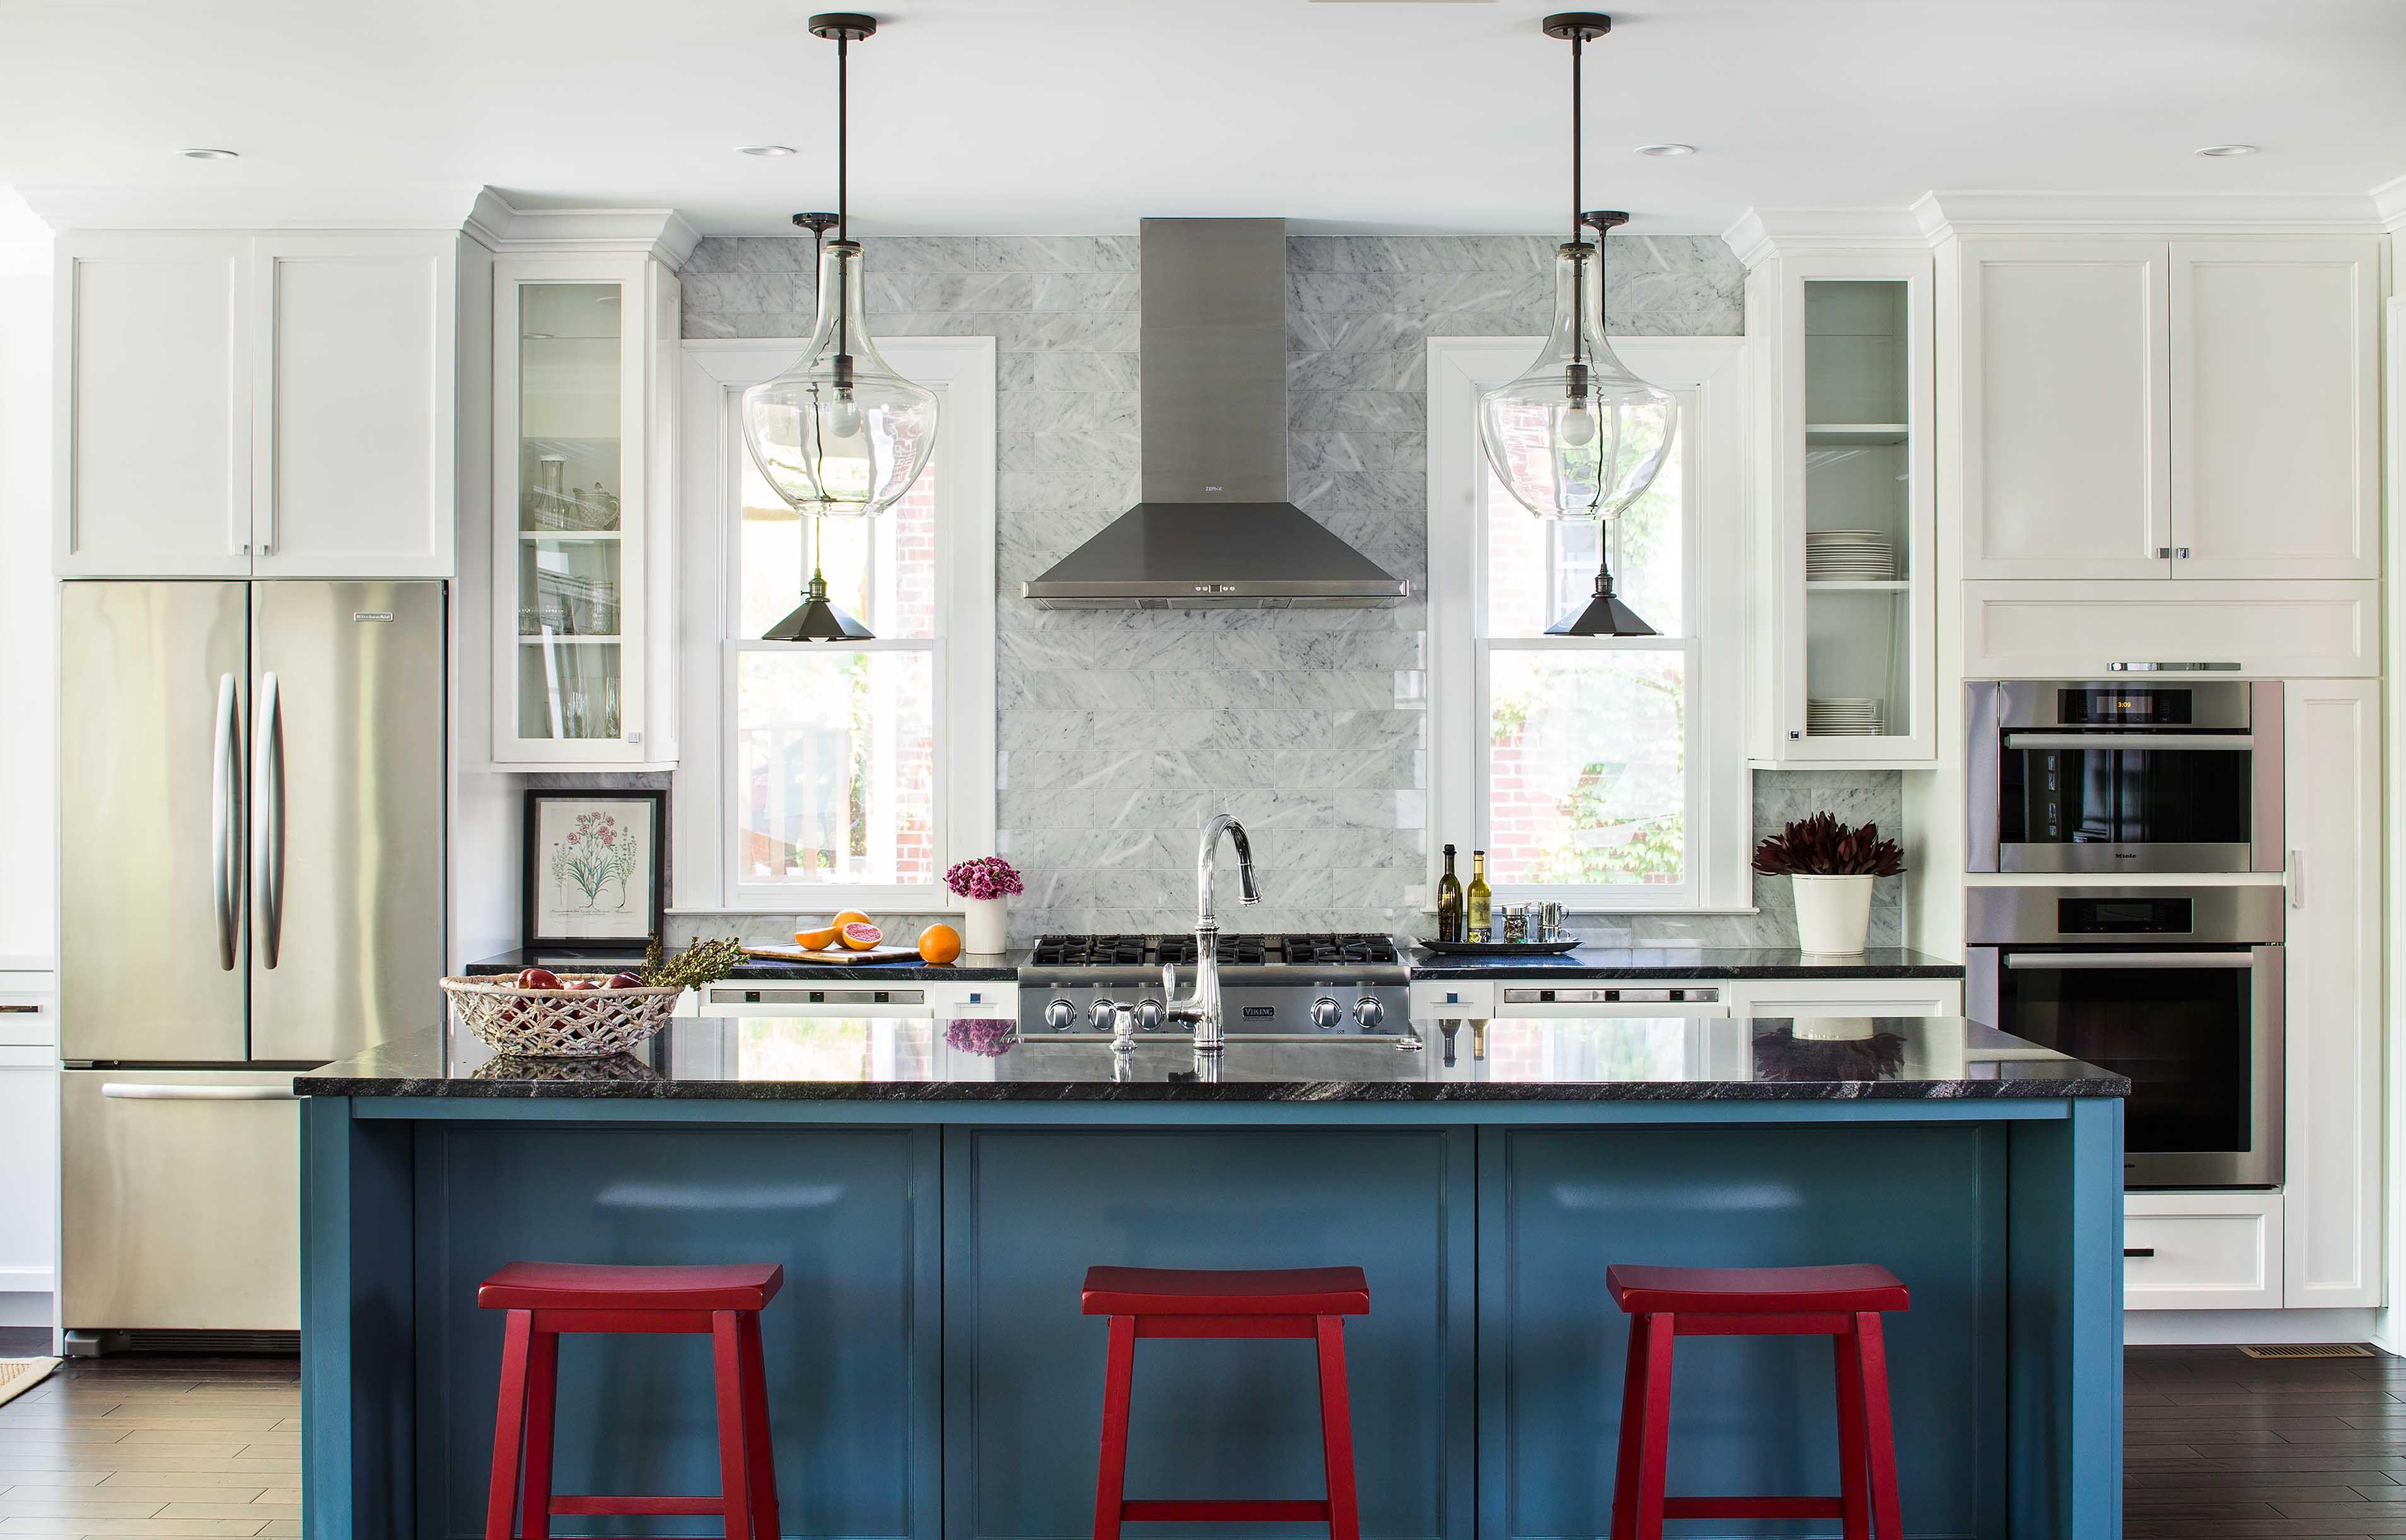 Cocina blanca con gabinetes azules y tres taburetes rojos